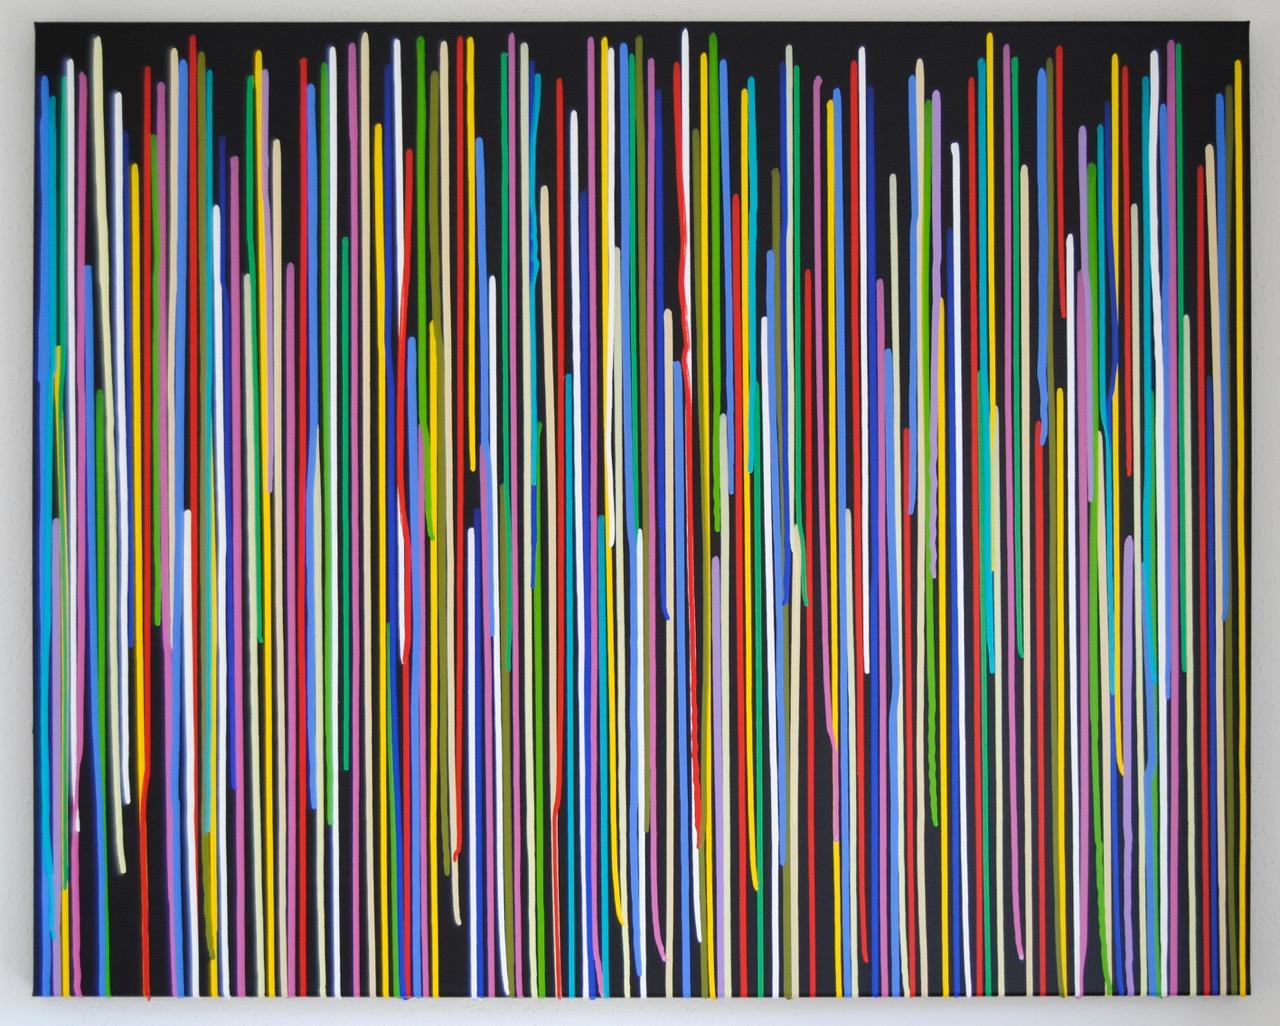 Modern Art Gallery Paintings